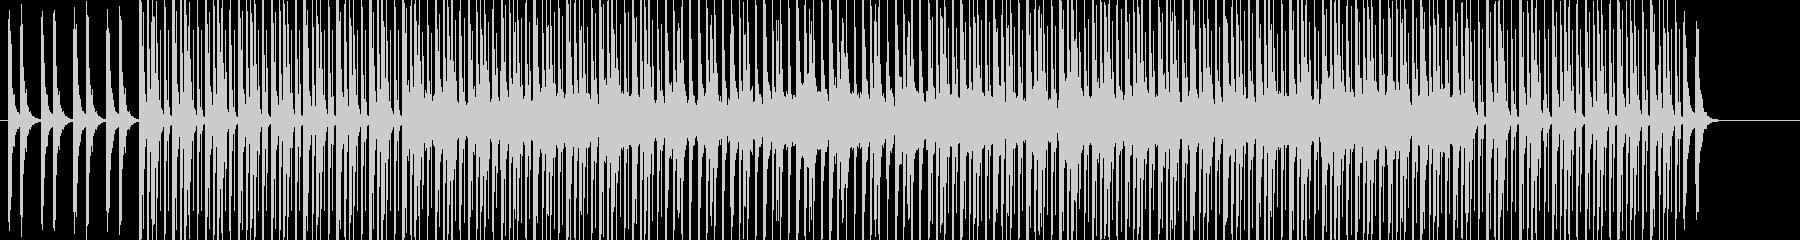 シンプルな4つ打ちエレクトロ・テクノの未再生の波形